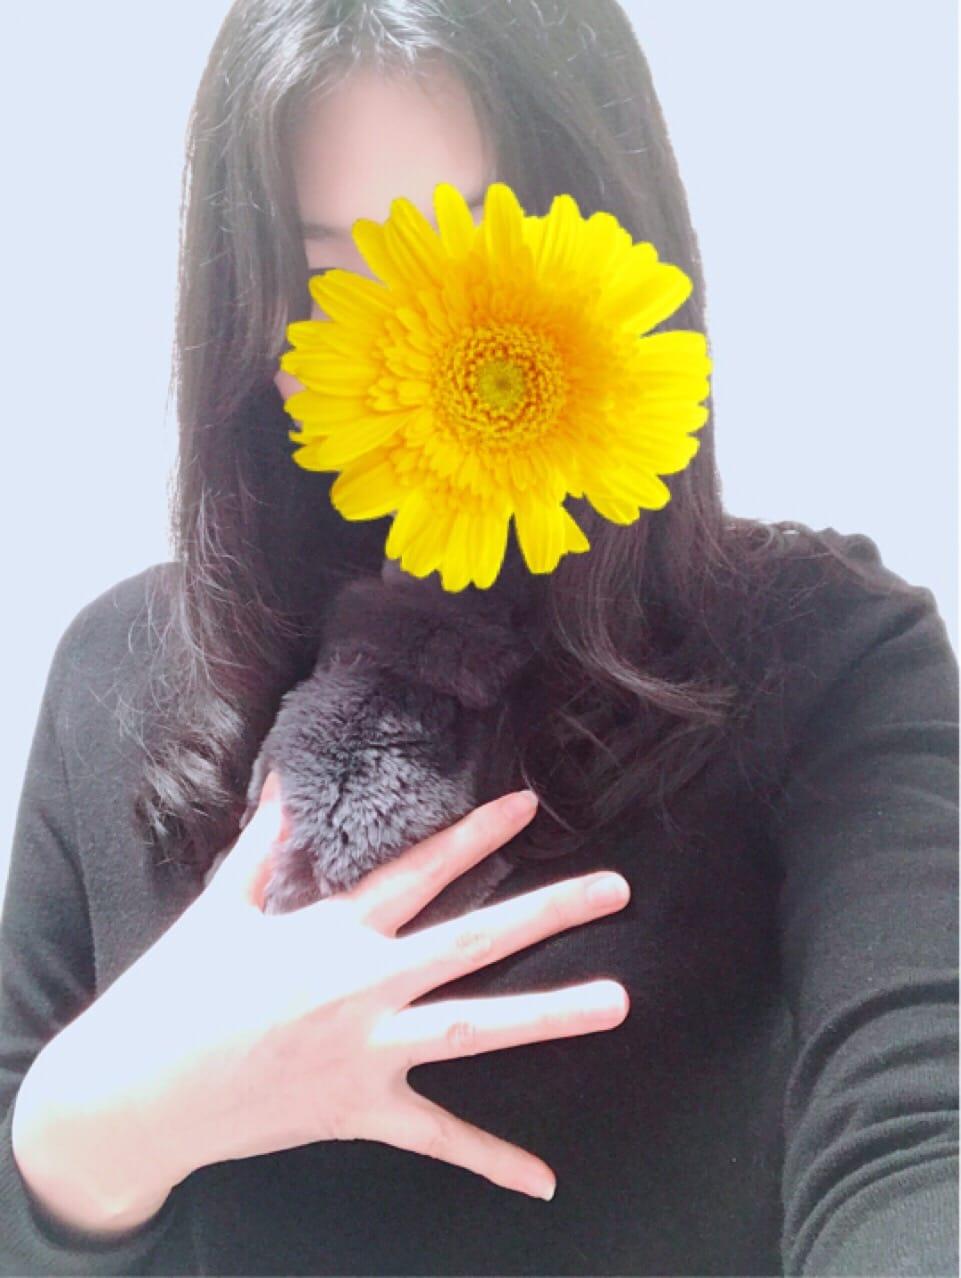 「ありがとうでした(*^ω^*)」04/19(04/19) 04:05 | ほのか奥様の写メ・風俗動画